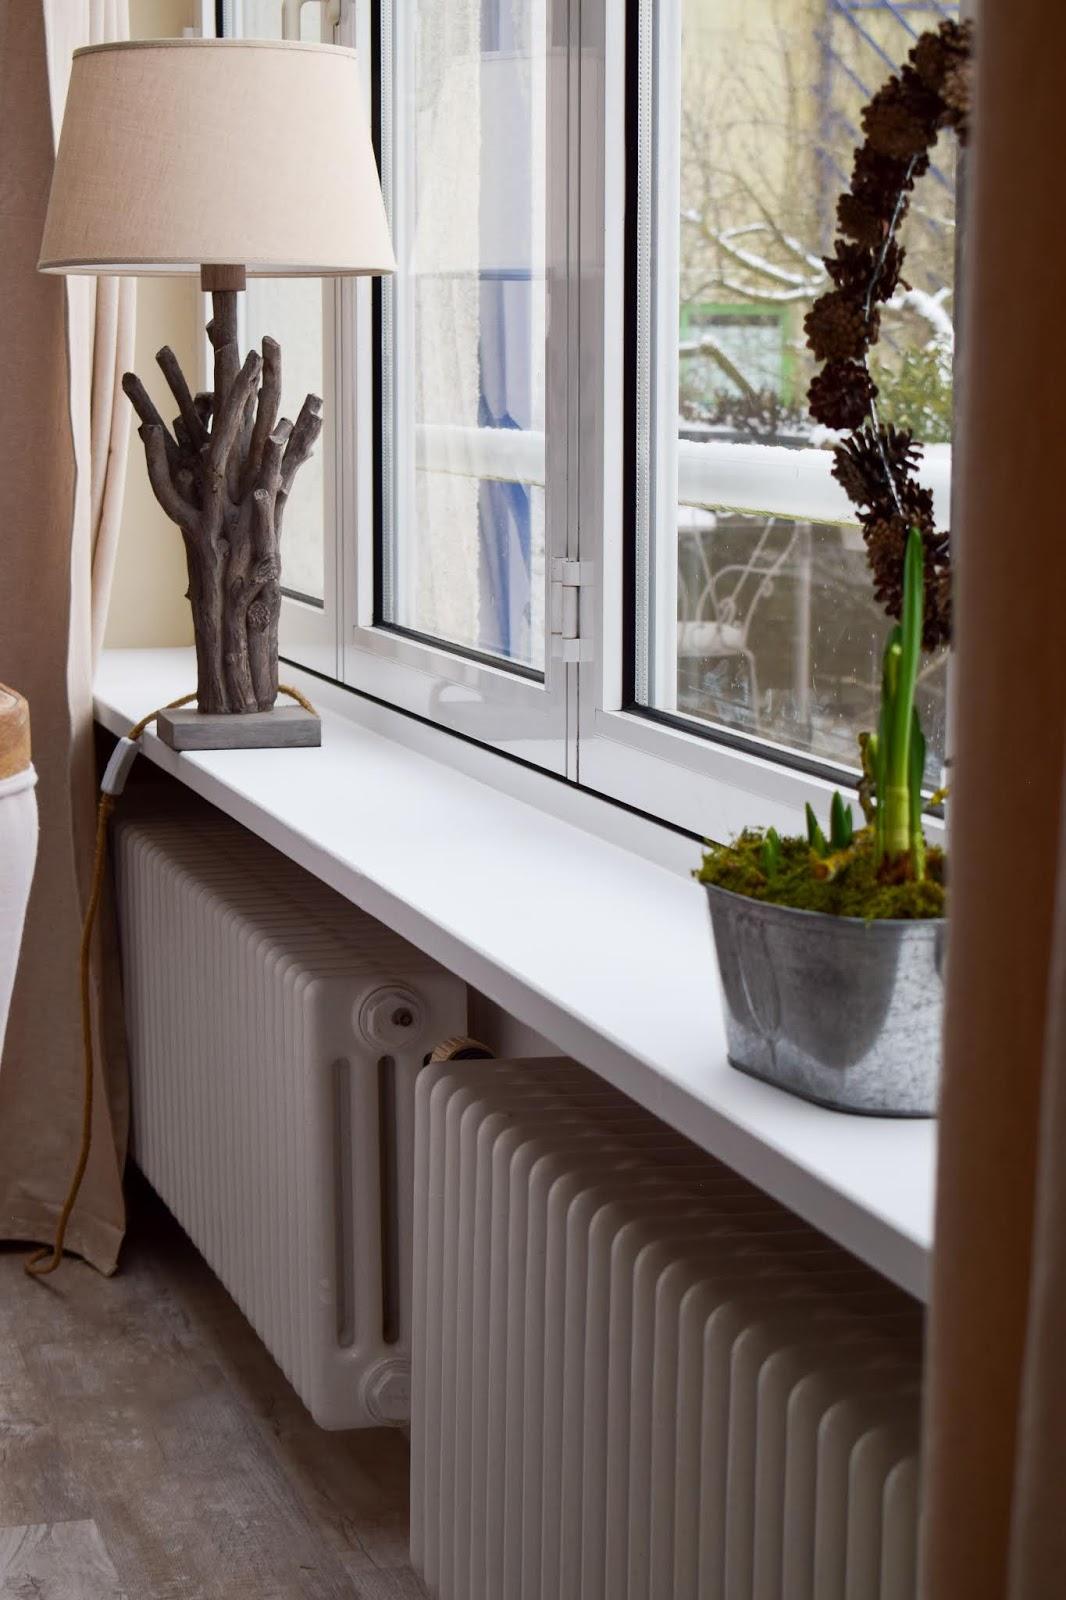 Renovierung von Fenstersims mit selbstklebender Folie. Einfach selbermachen renovieren Marmor Folie Klebefolie. Aus Alt mach NEU